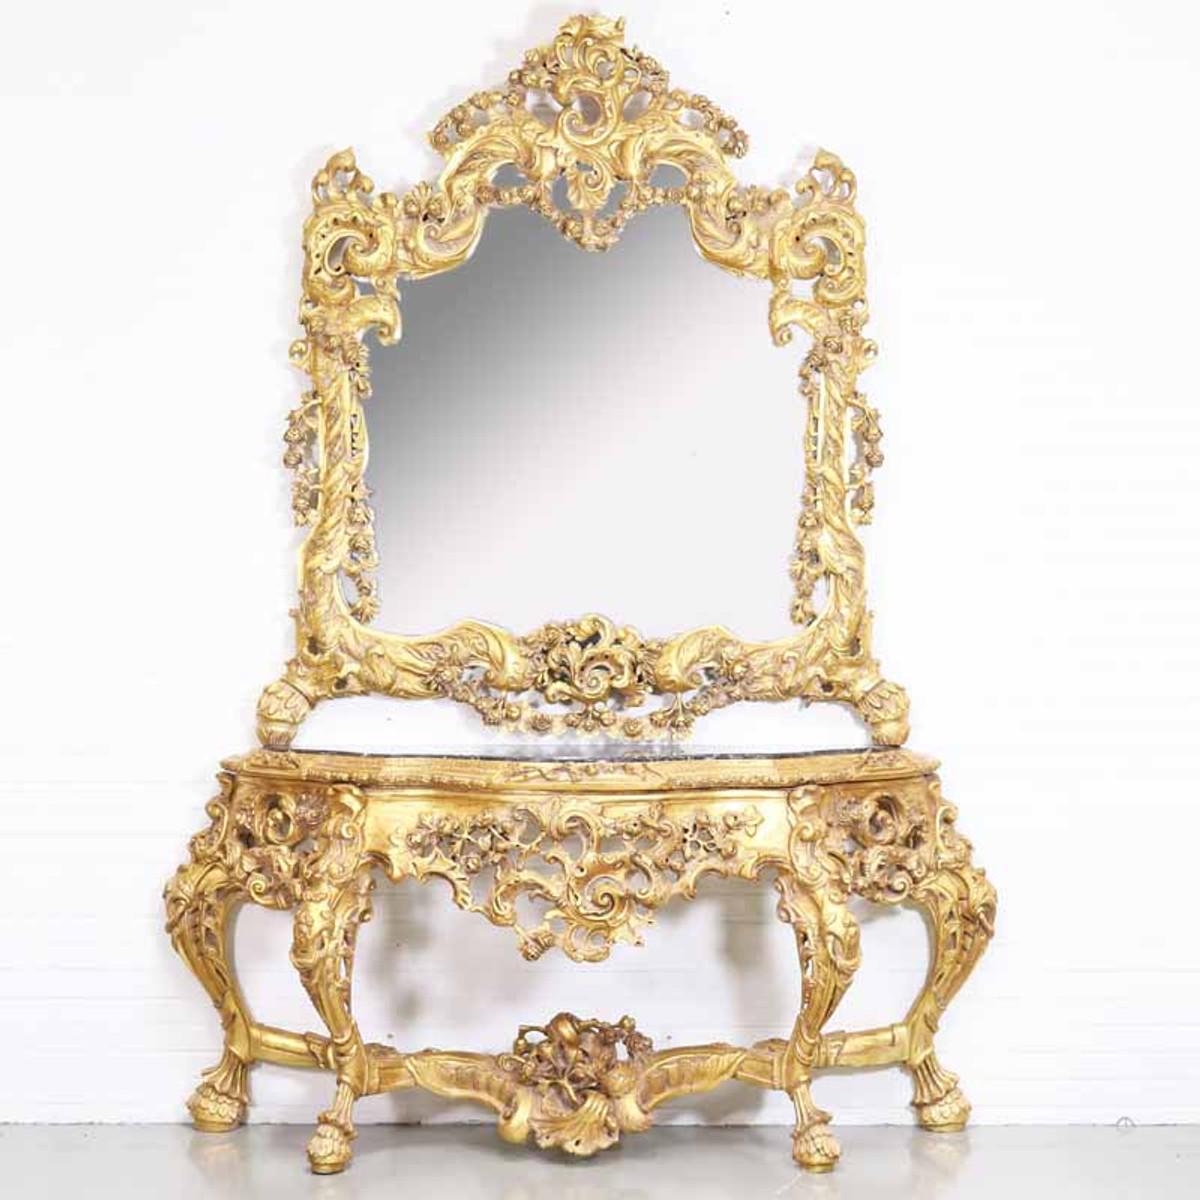 casa padrino luxus barock spiegelkonsole mit marmorplatte gold 180 x h270 cm hotel mobel